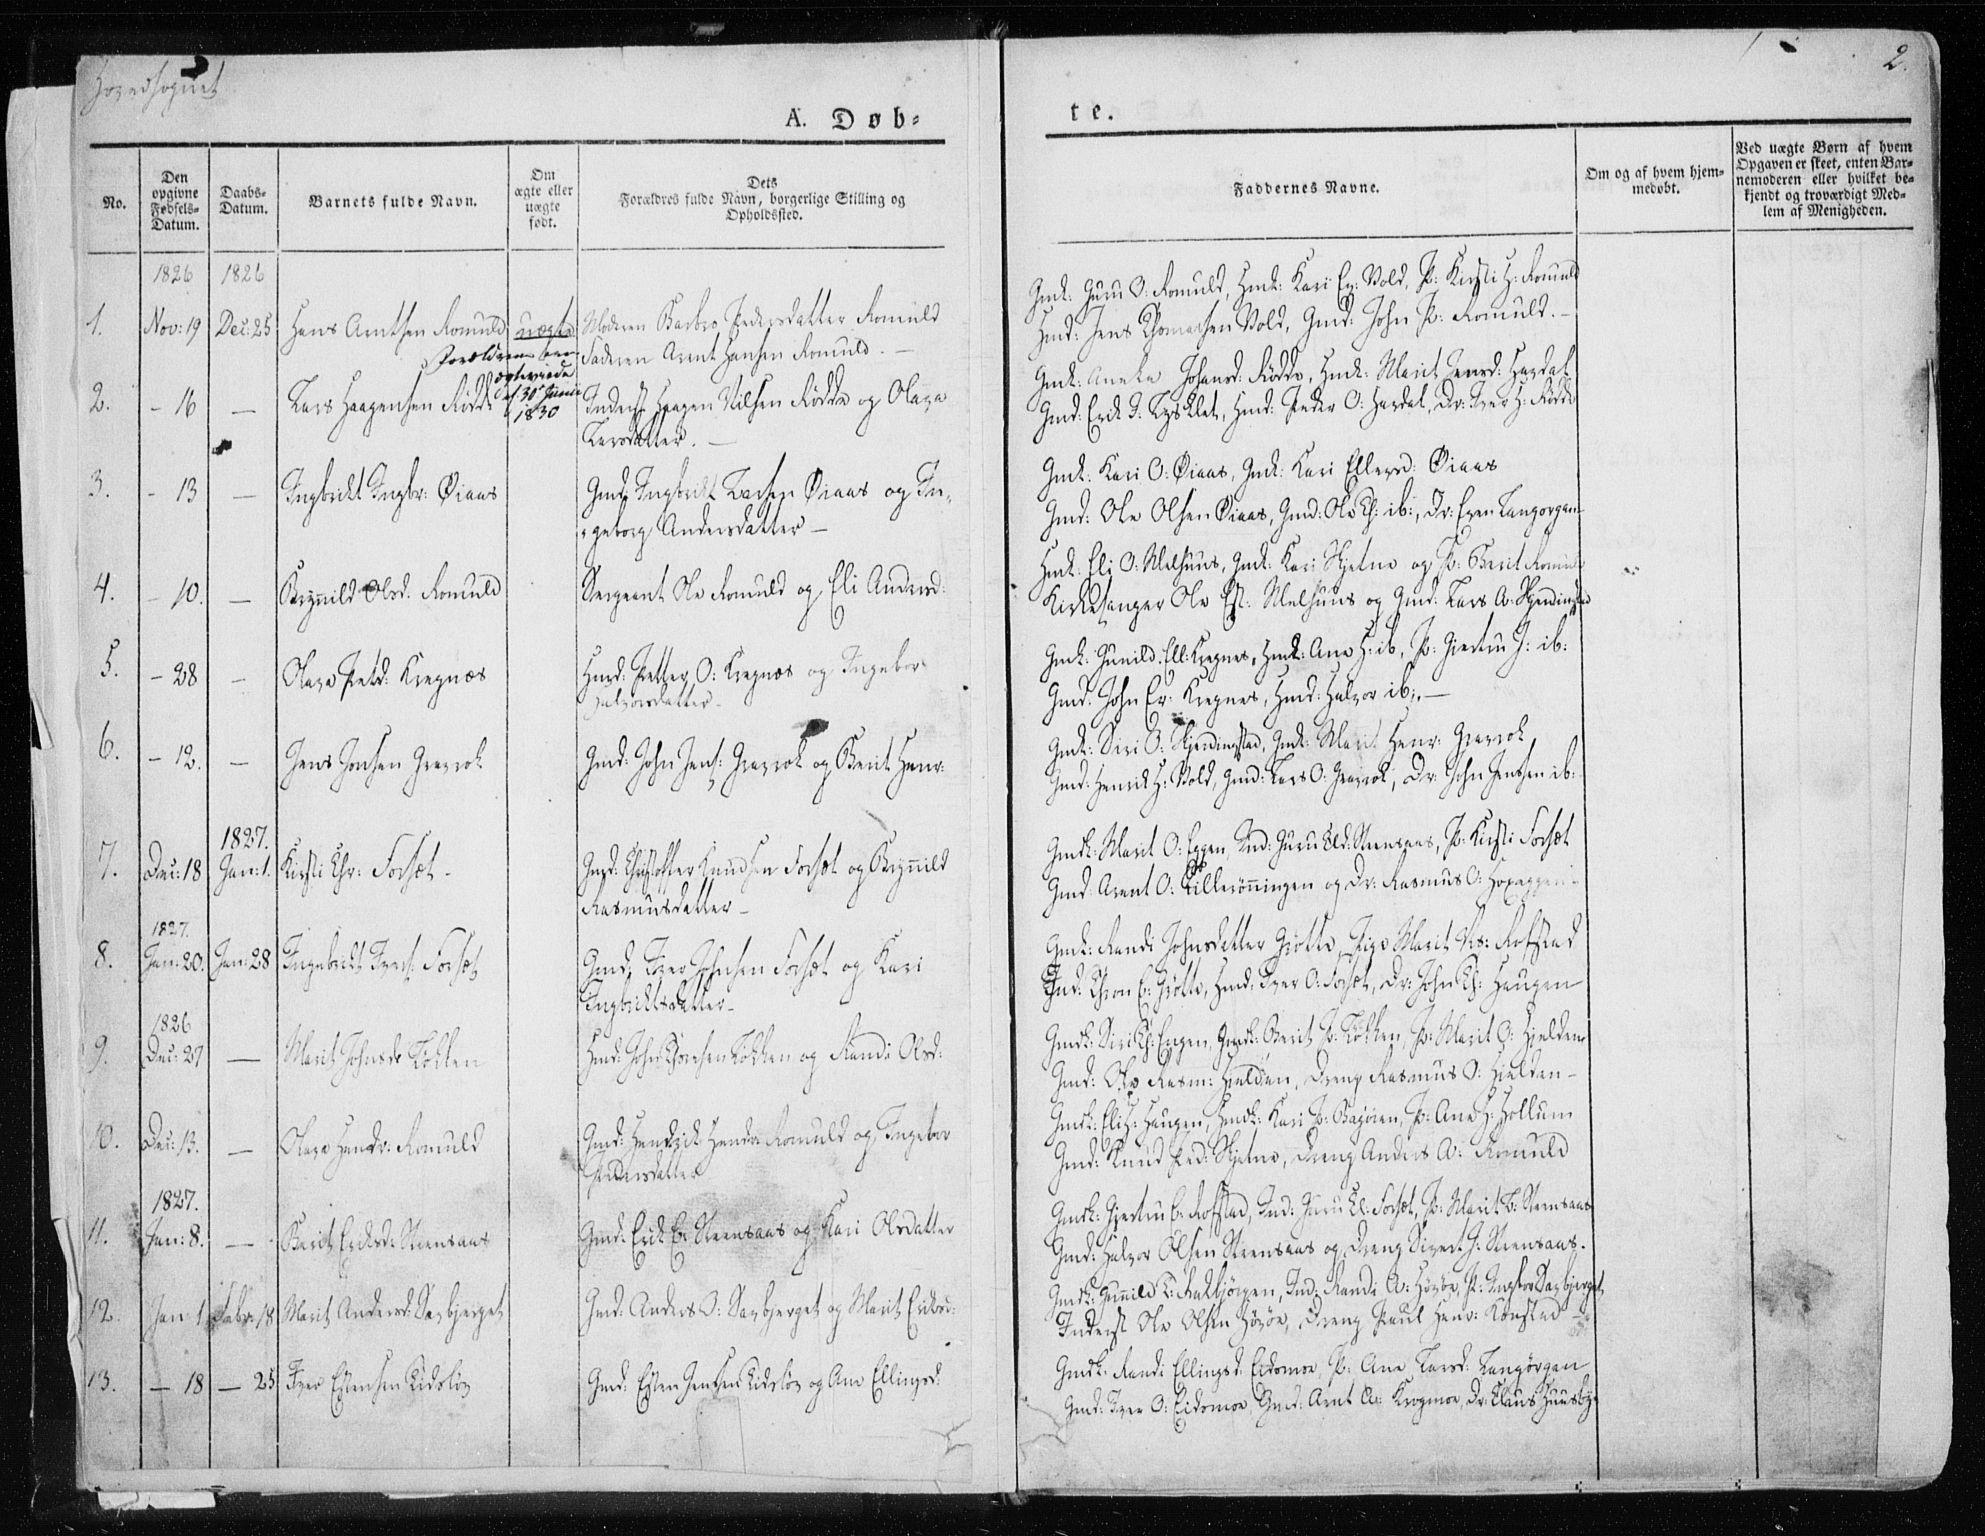 SAT, Ministerialprotokoller, klokkerbøker og fødselsregistre - Sør-Trøndelag, 691/L1069: Ministerialbok nr. 691A04, 1826-1841, s. 2